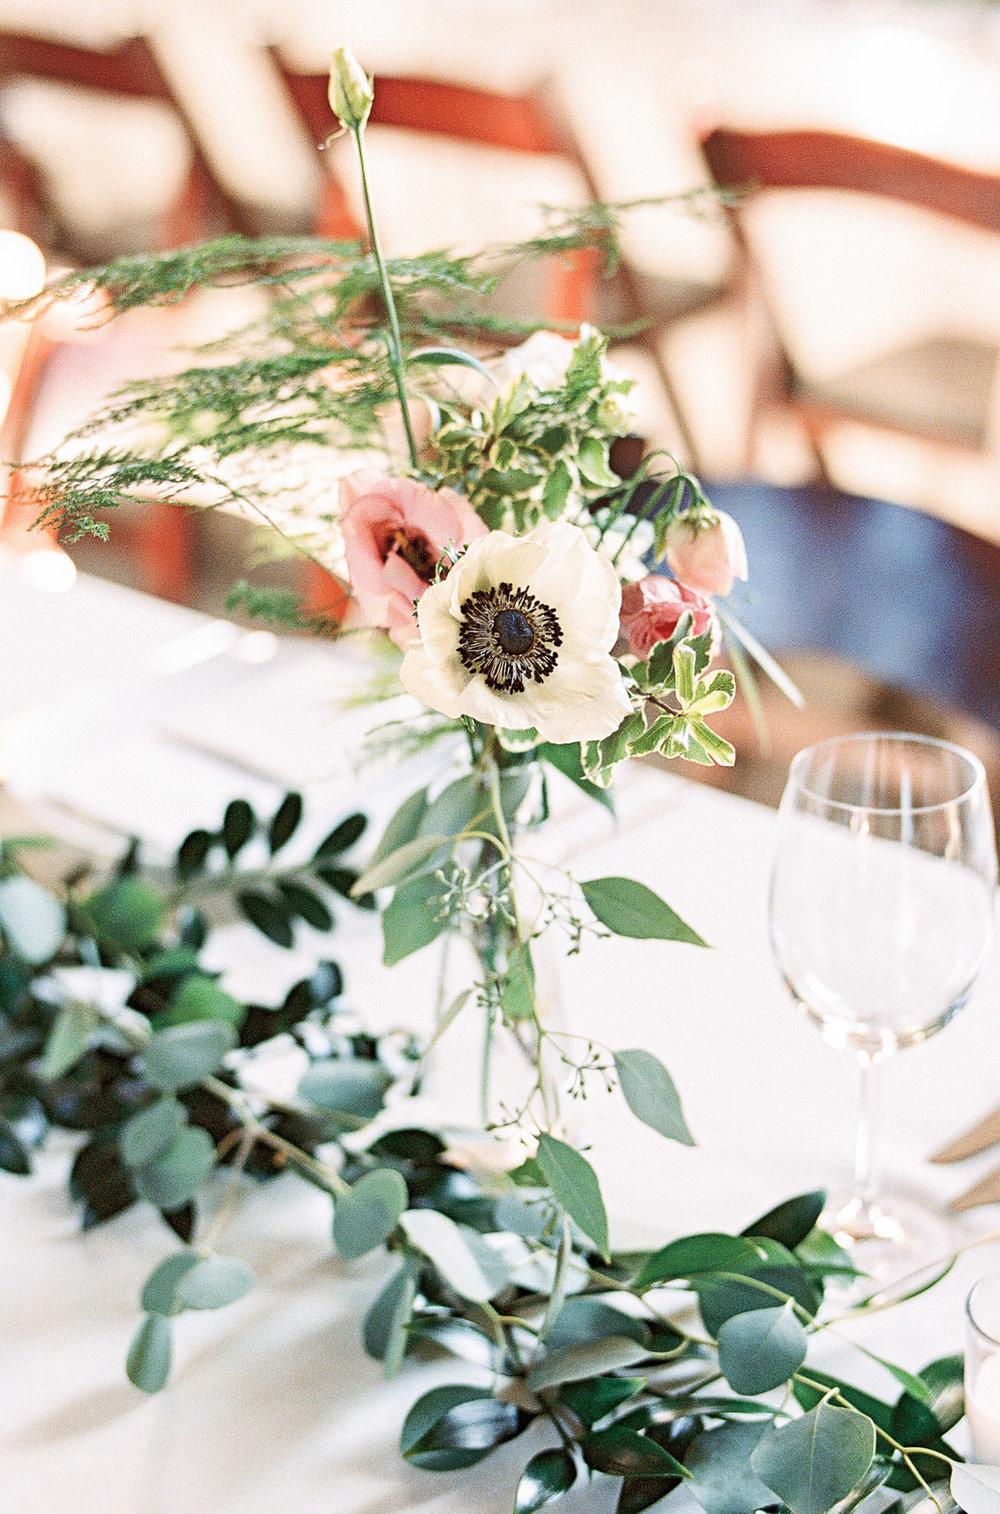 Rachel Cho Floral Design in Brooklyn